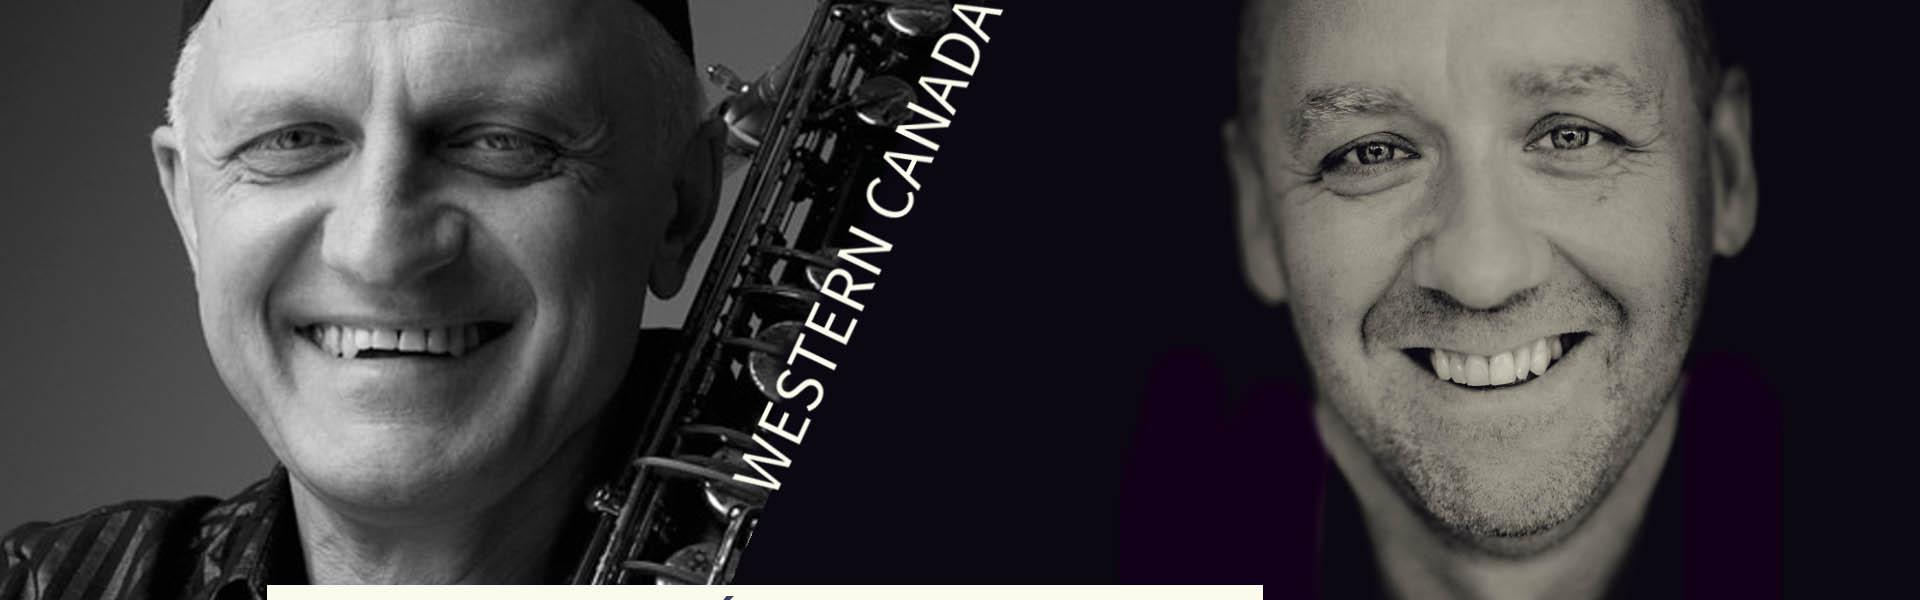 Napiorkowski Olejniczak WESTERN CANADA TOUR copy